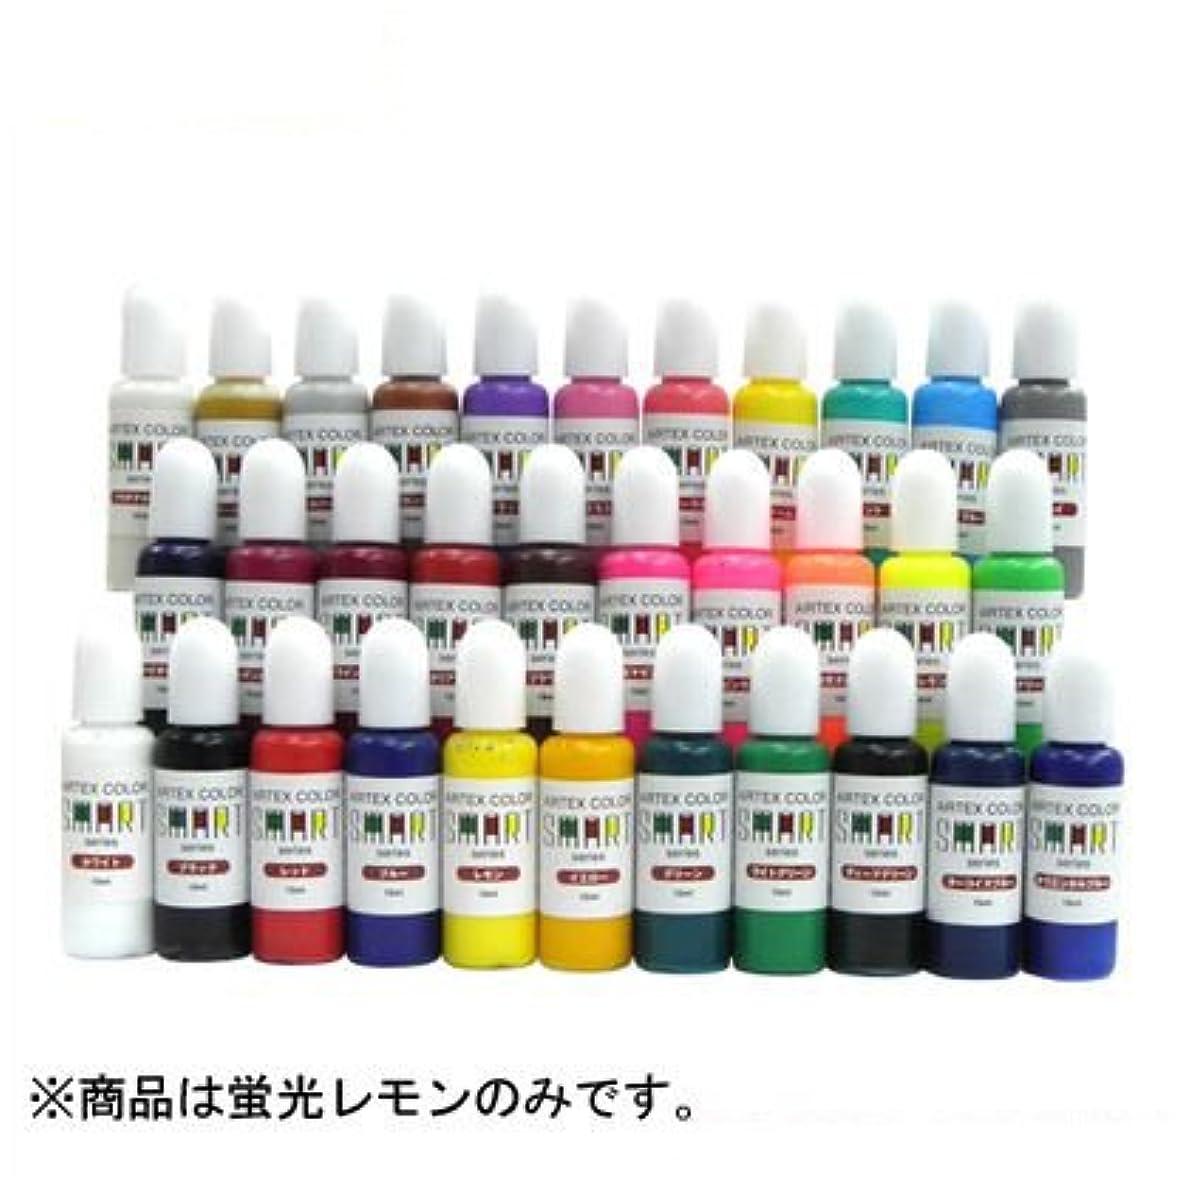 典型的な先のことを考える顕著エアテックス カラースマートシリーズ 蛍光レモン ACS20